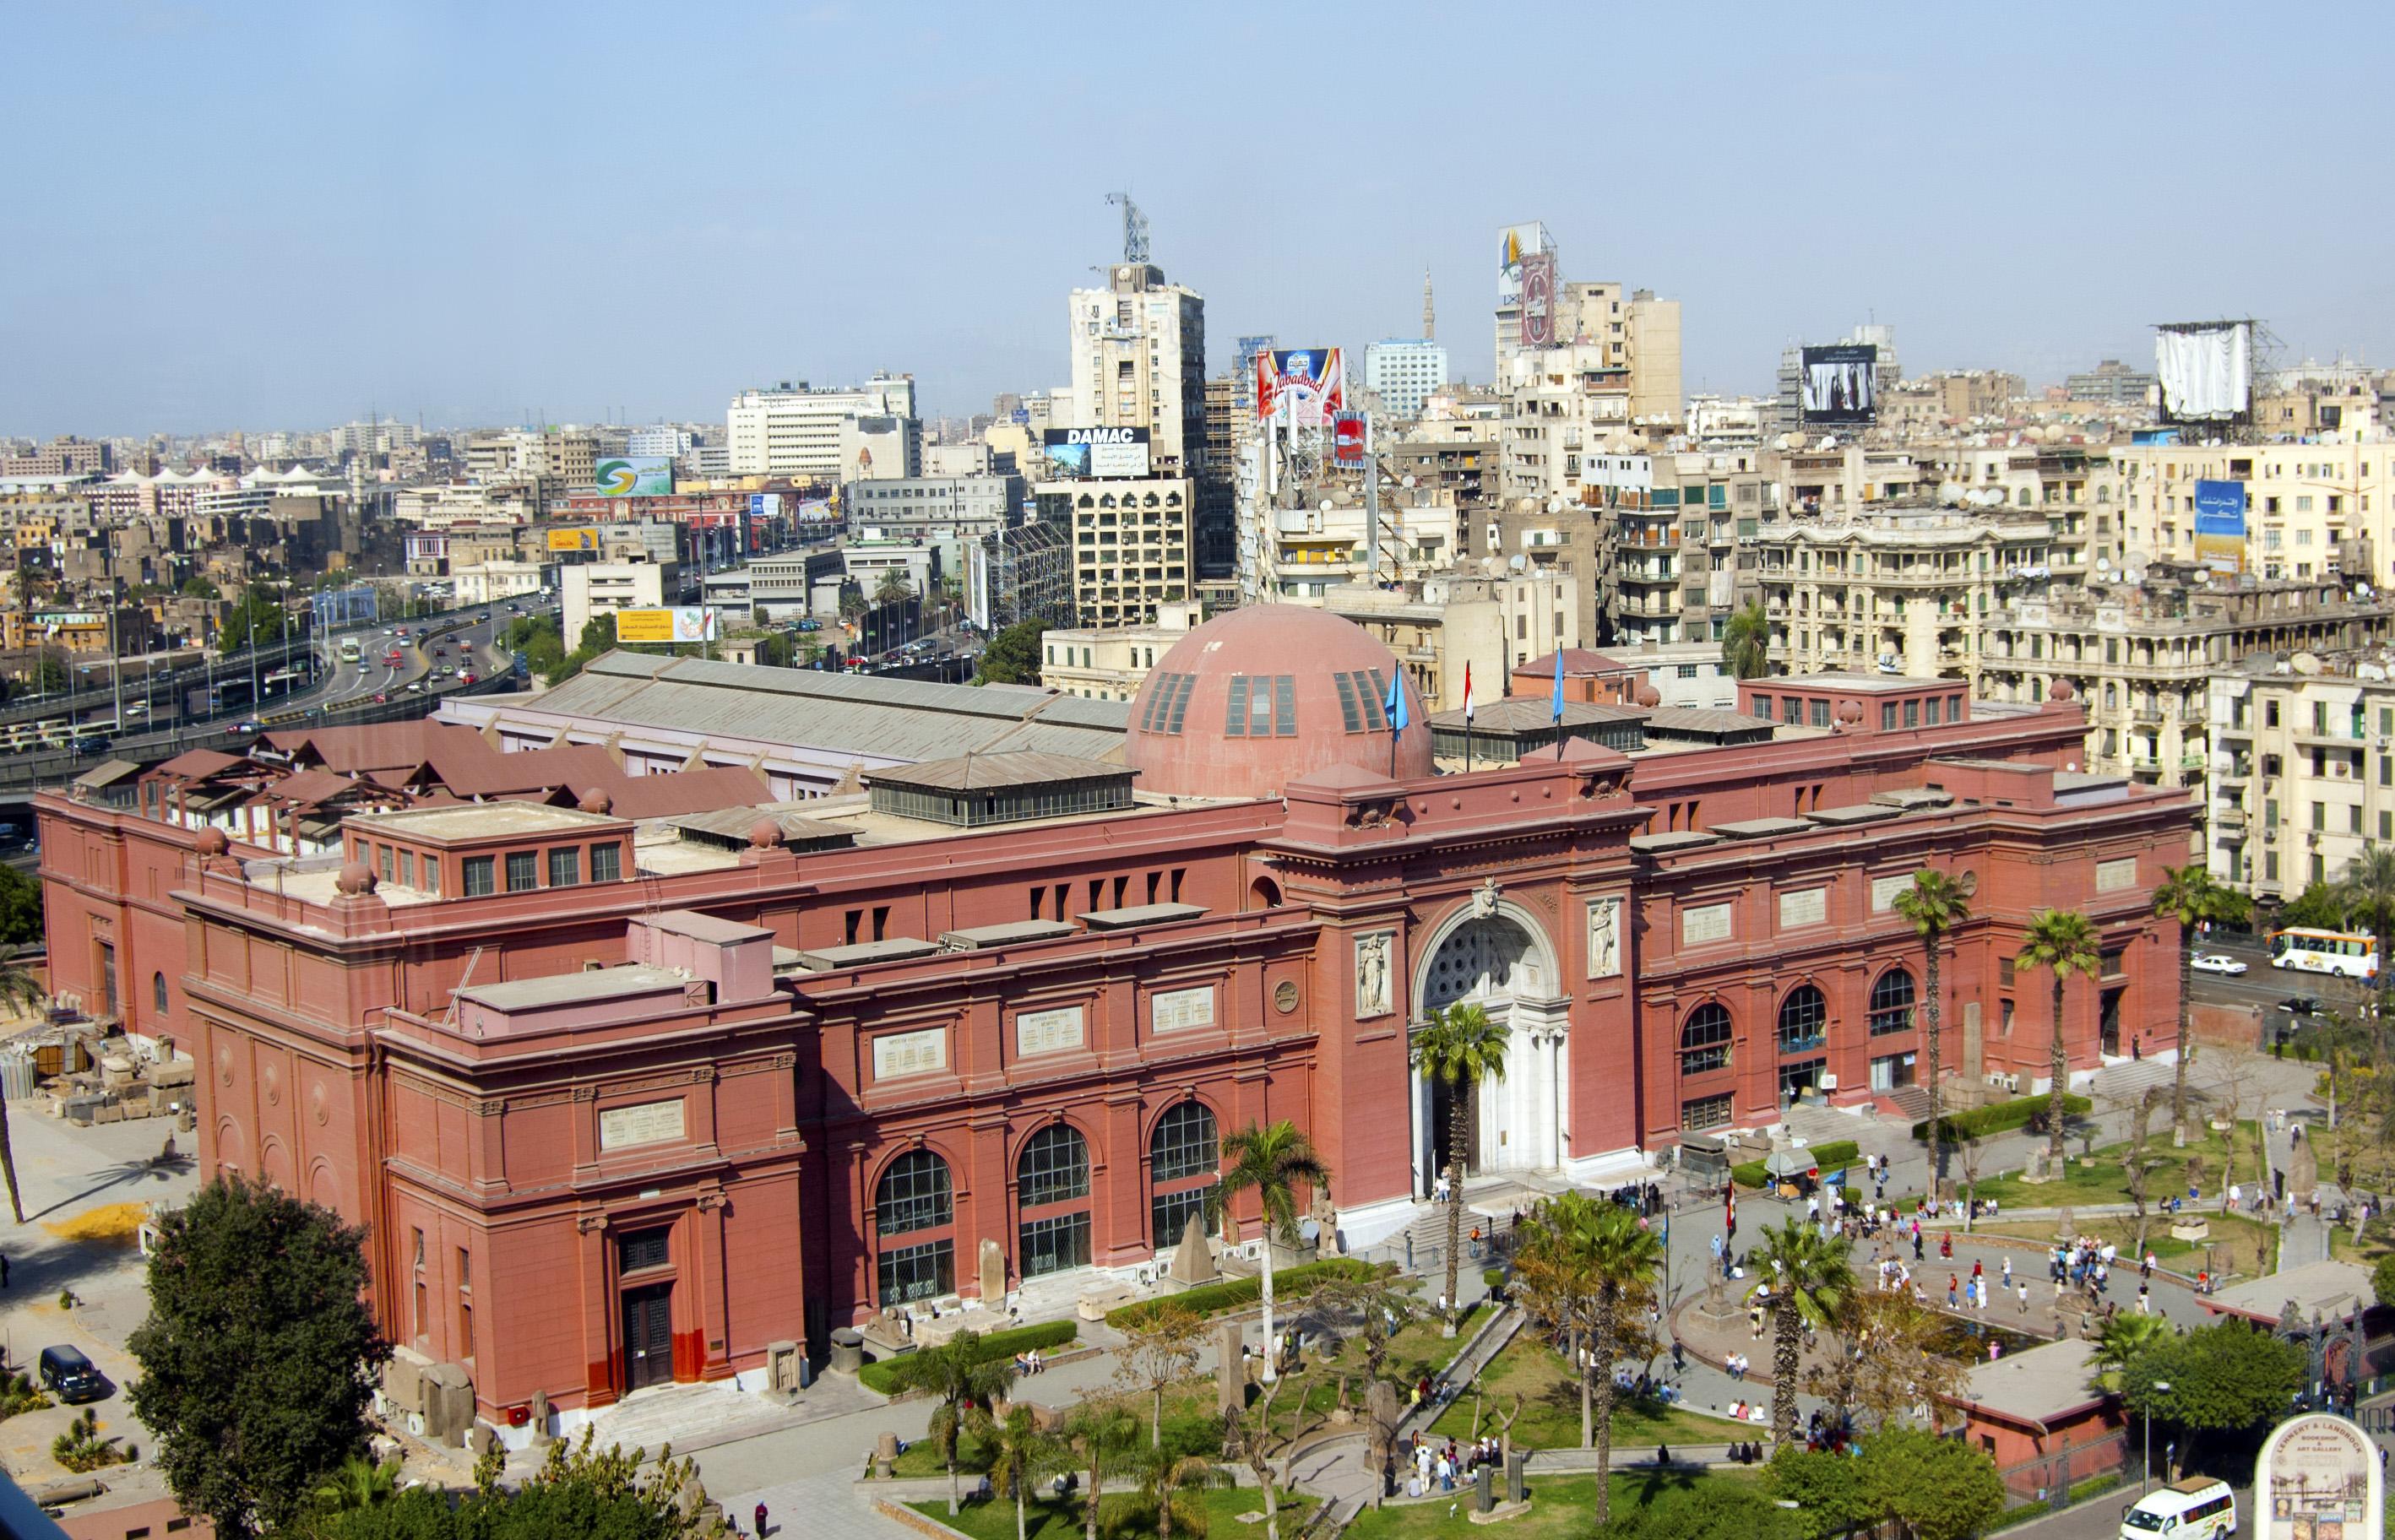 منظر عام لمبنى المتحف بميدان التحرير / ويكيبيديا